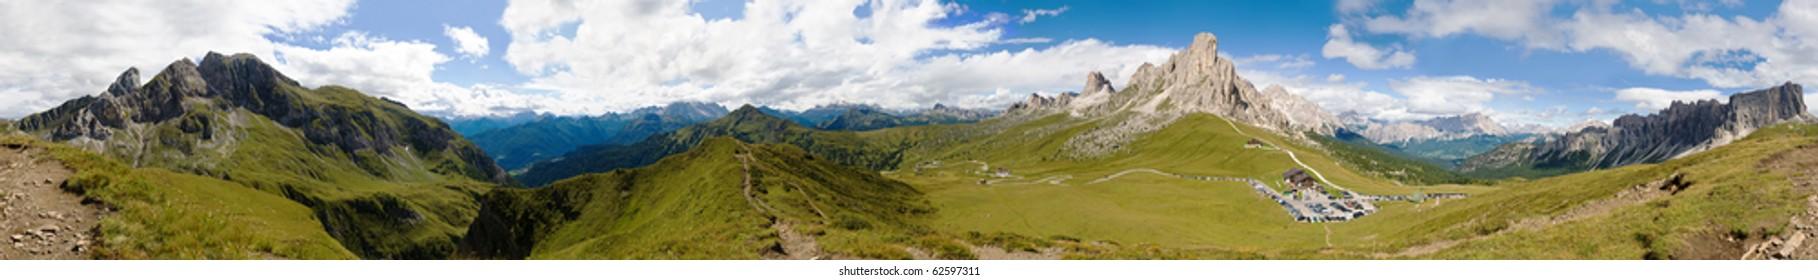 breathtaking mountain panorama, passo Giau, Italy